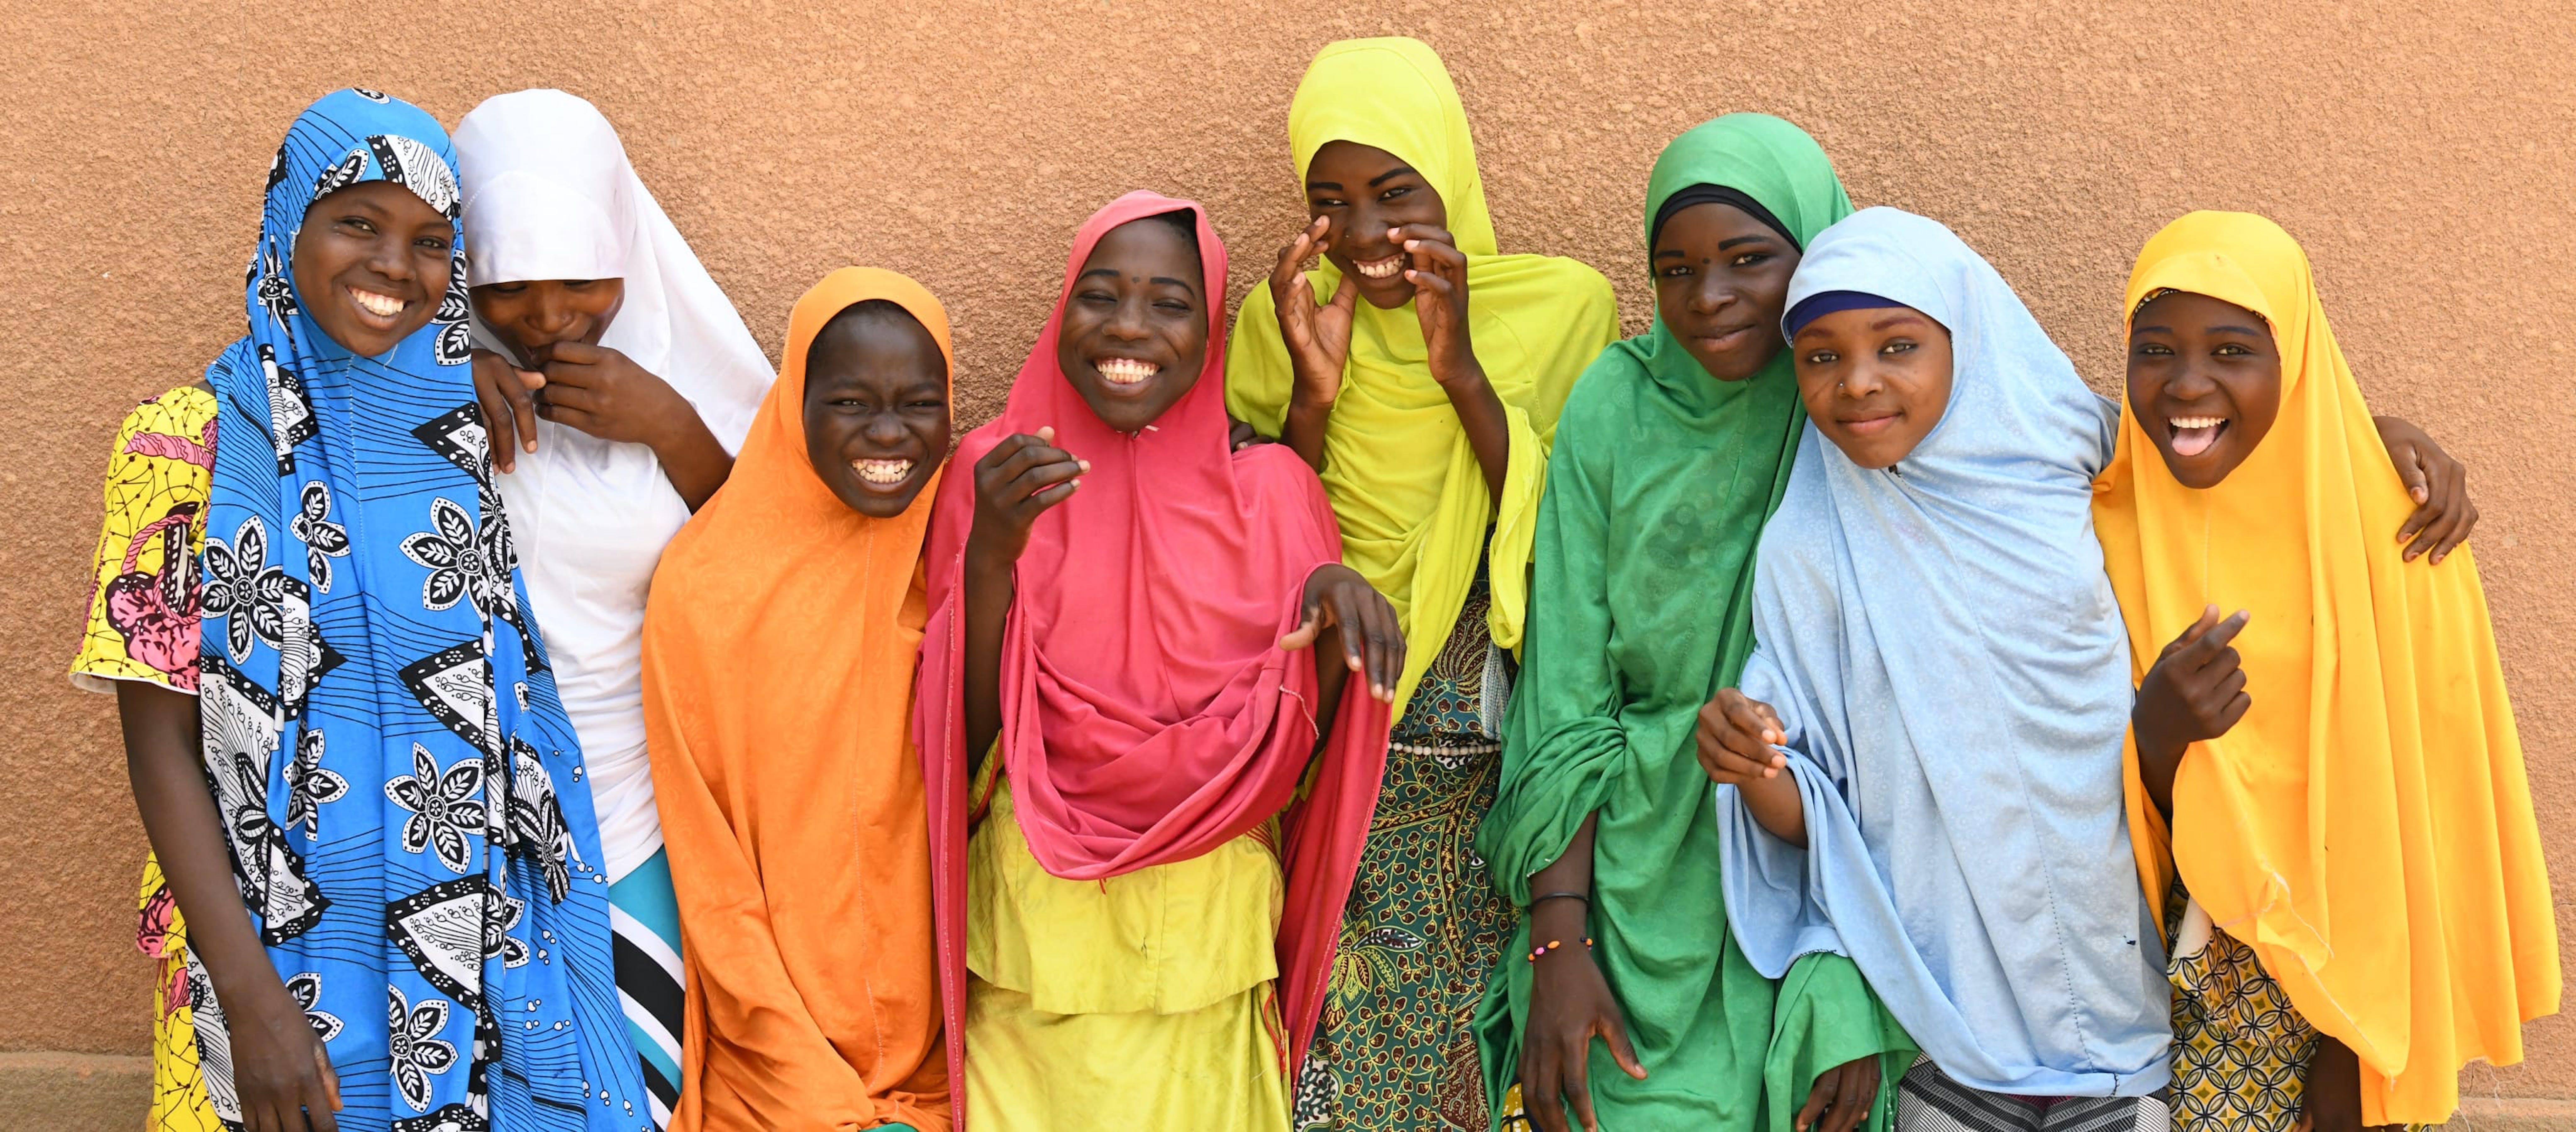 Gruppo di raagazze felici in hijab